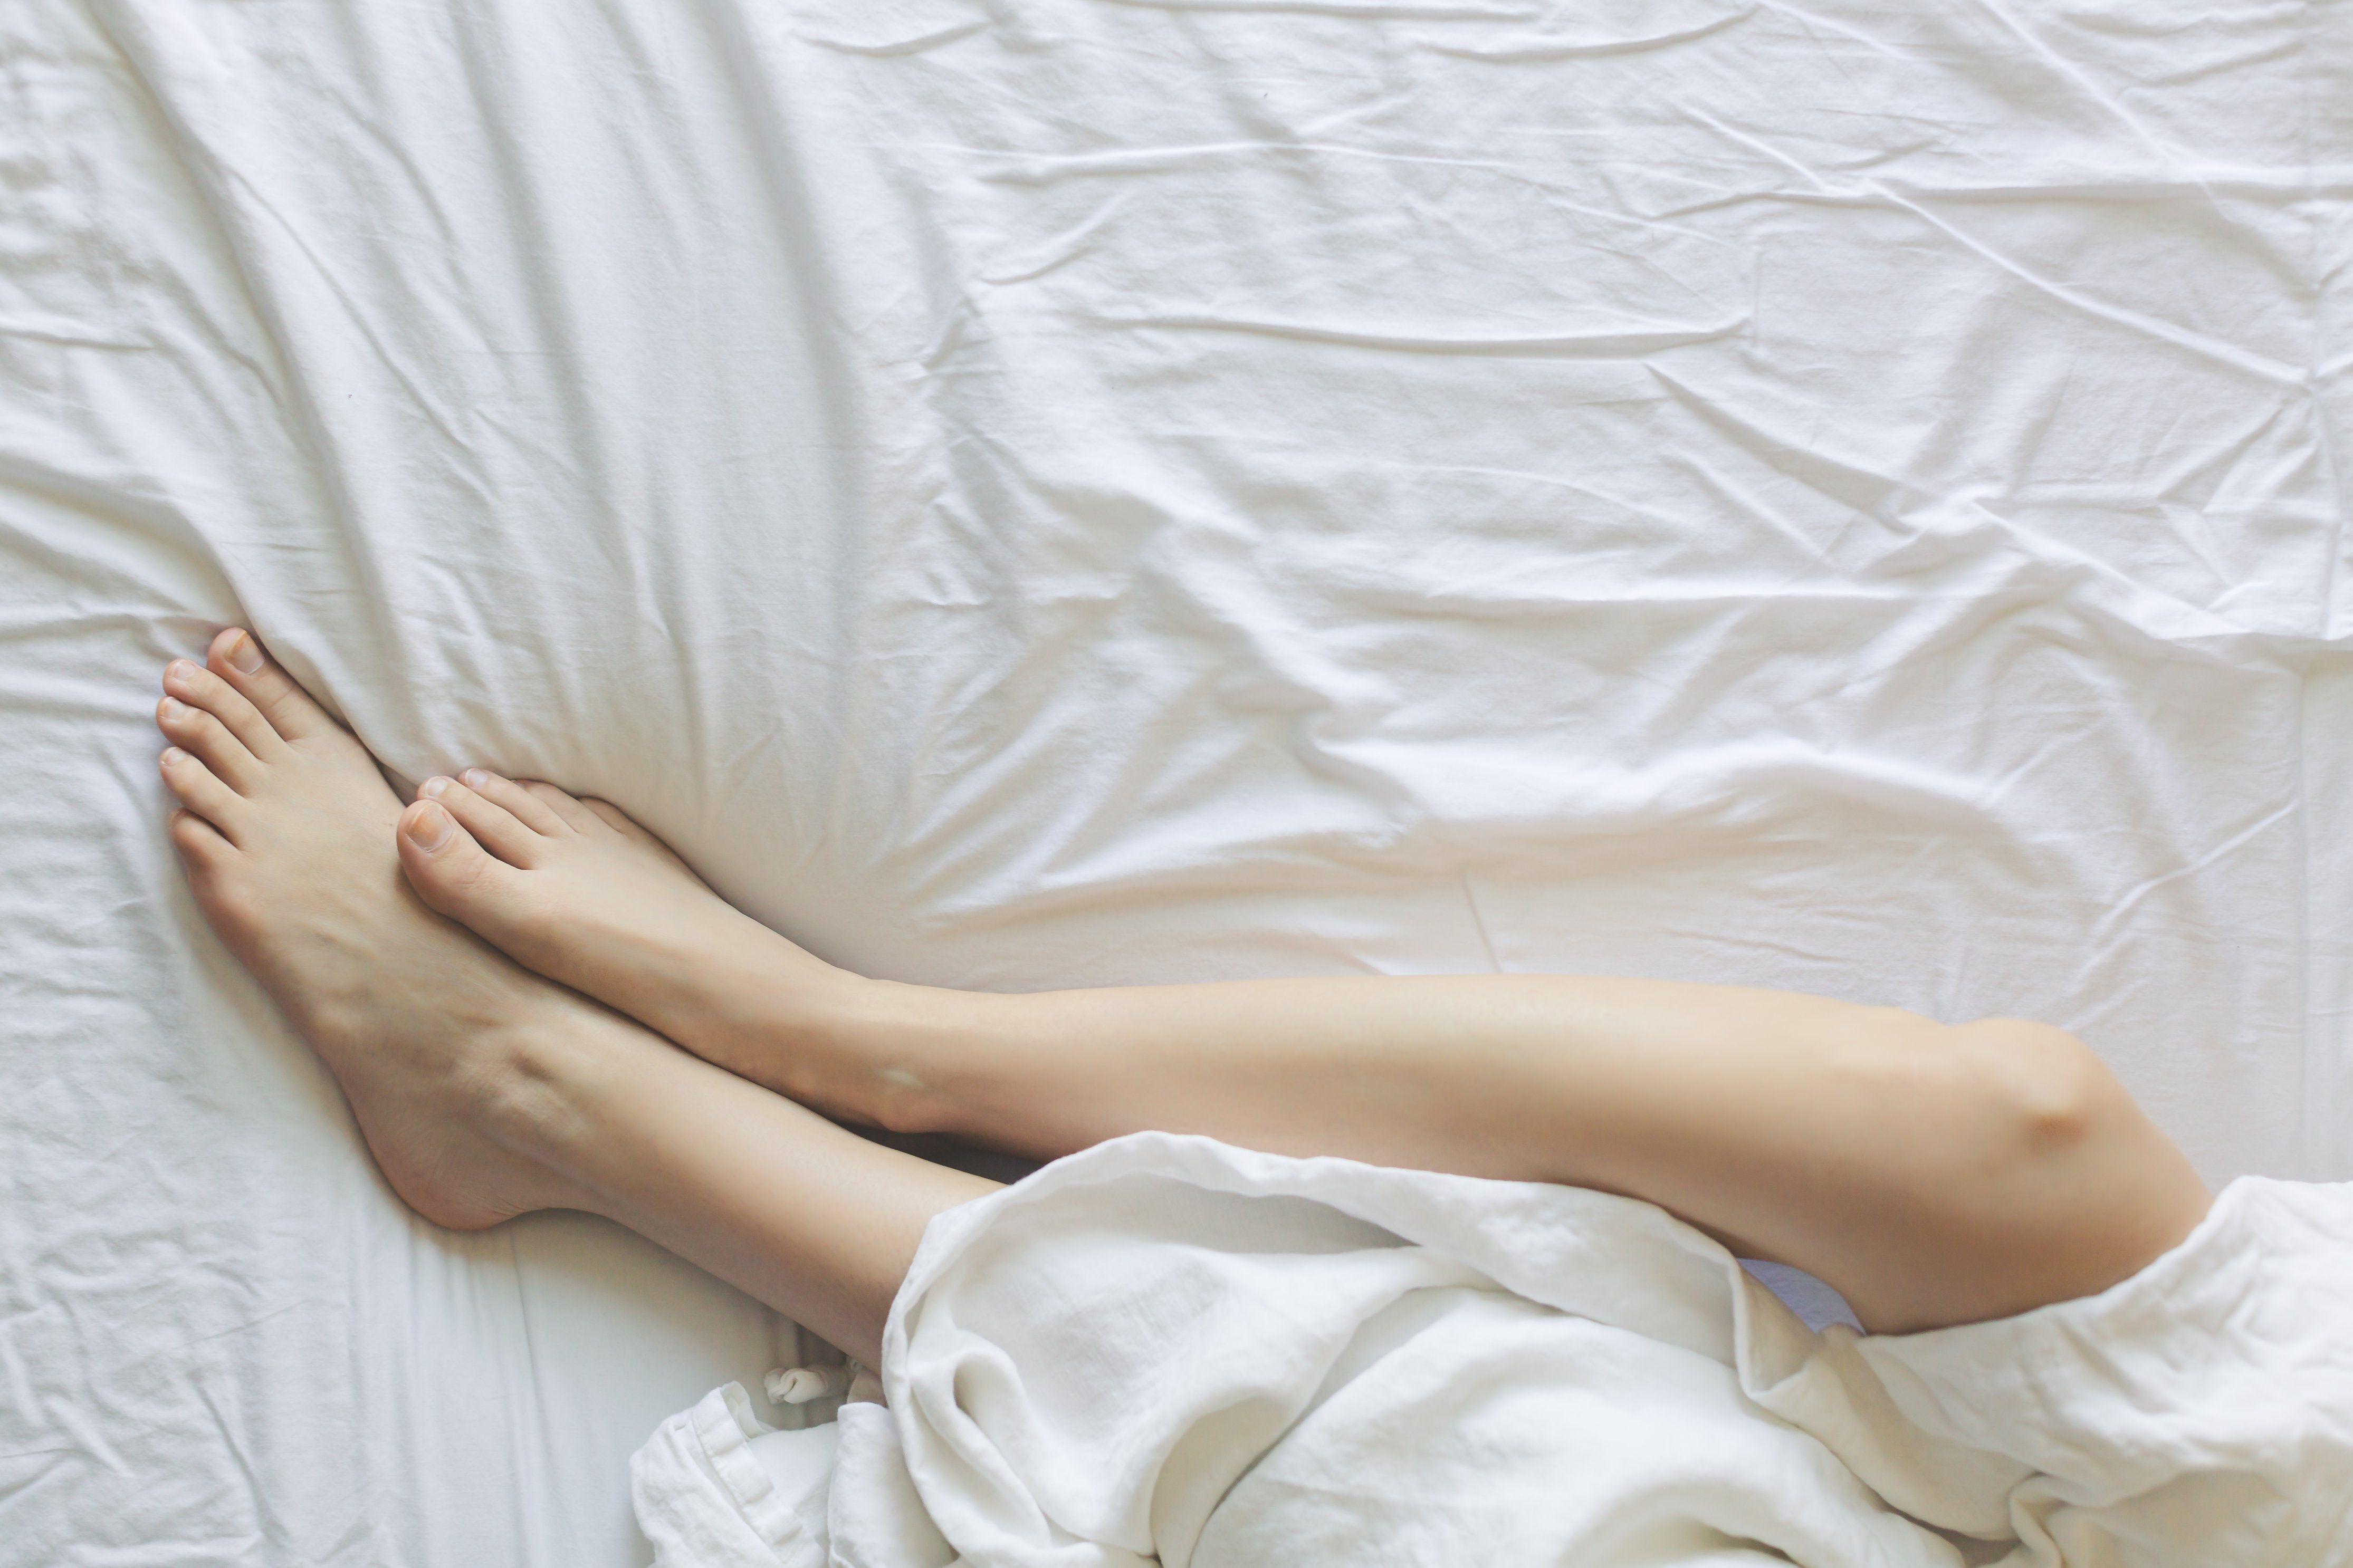 ліжко, самотність, ізоляція. дівчина